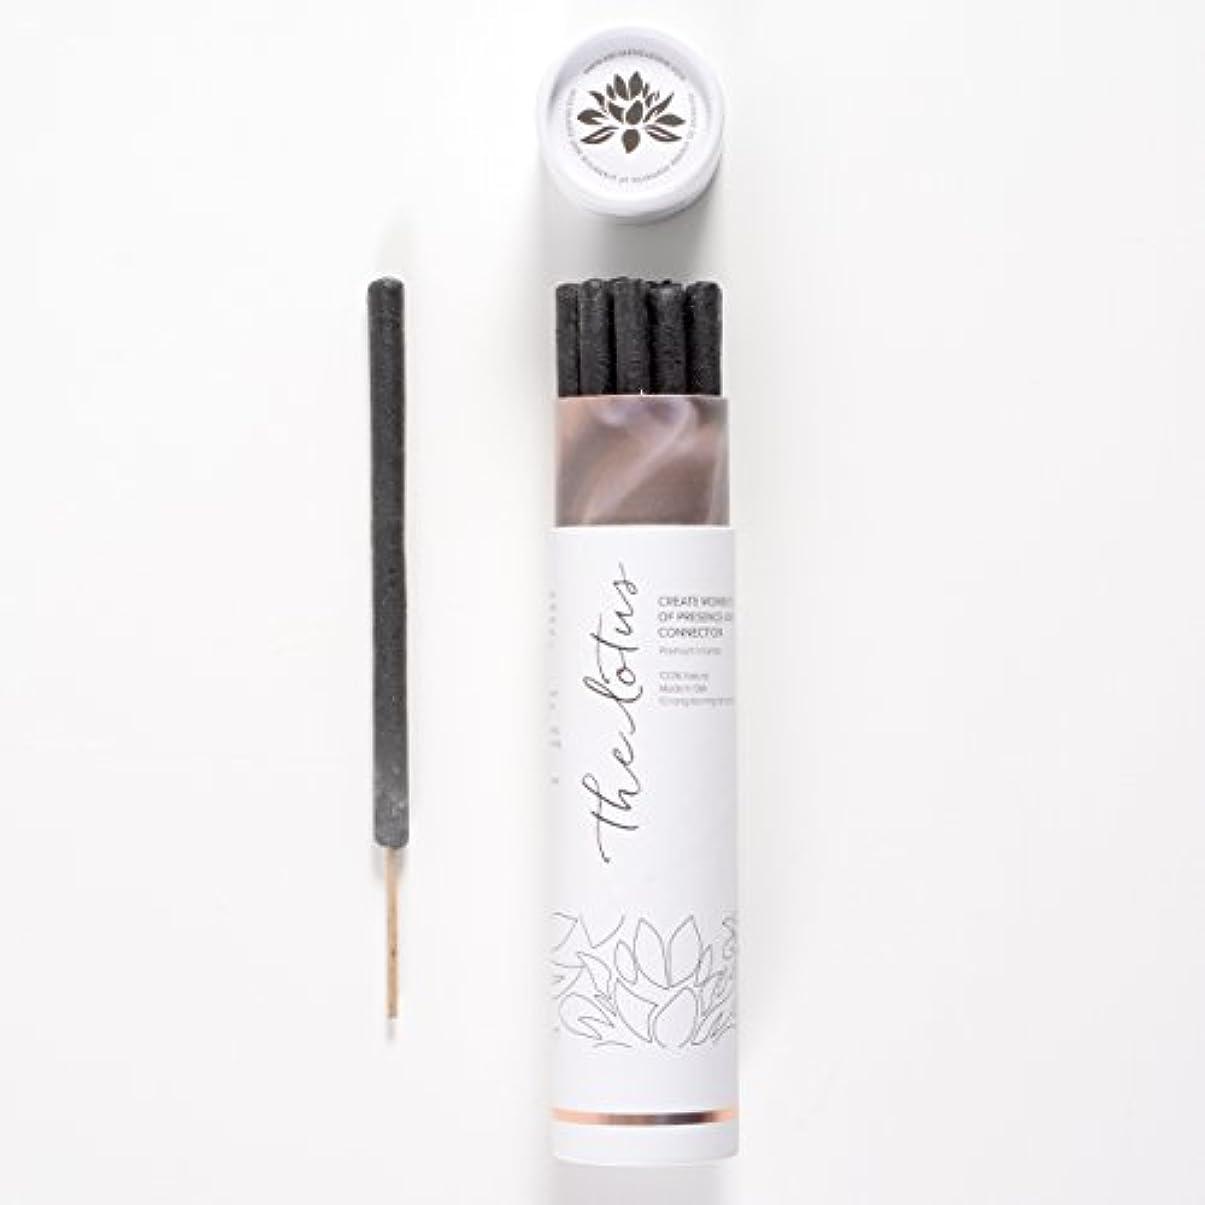 タールバルセロナ広告主The LotusバリIncense – 10プレミアムLong Burn ' Fat ' Sticks。100 % Organic & Natural Ingredients。